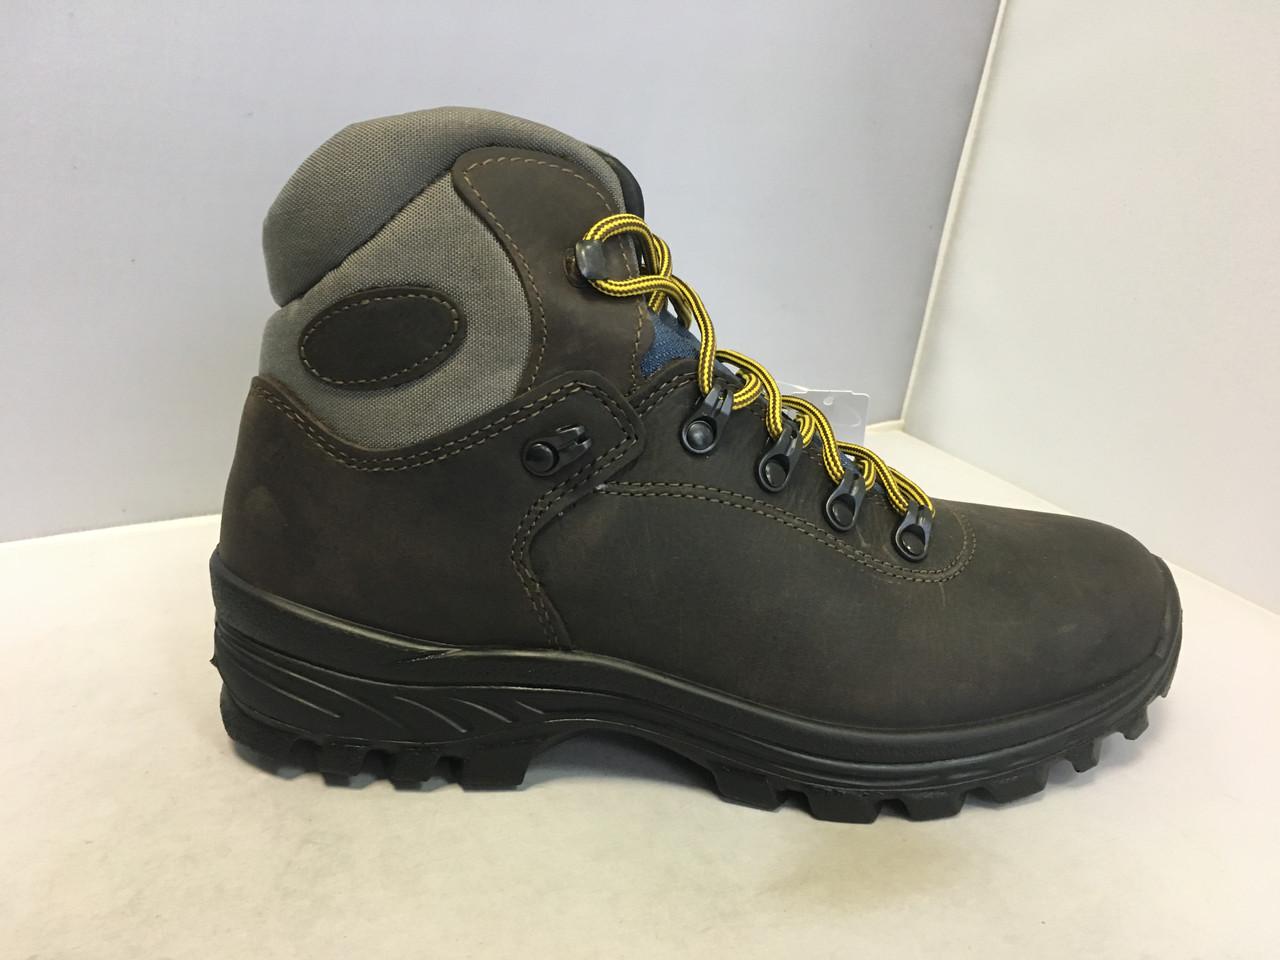 Зимние ботинки Grisport, 41 размер, фото 1